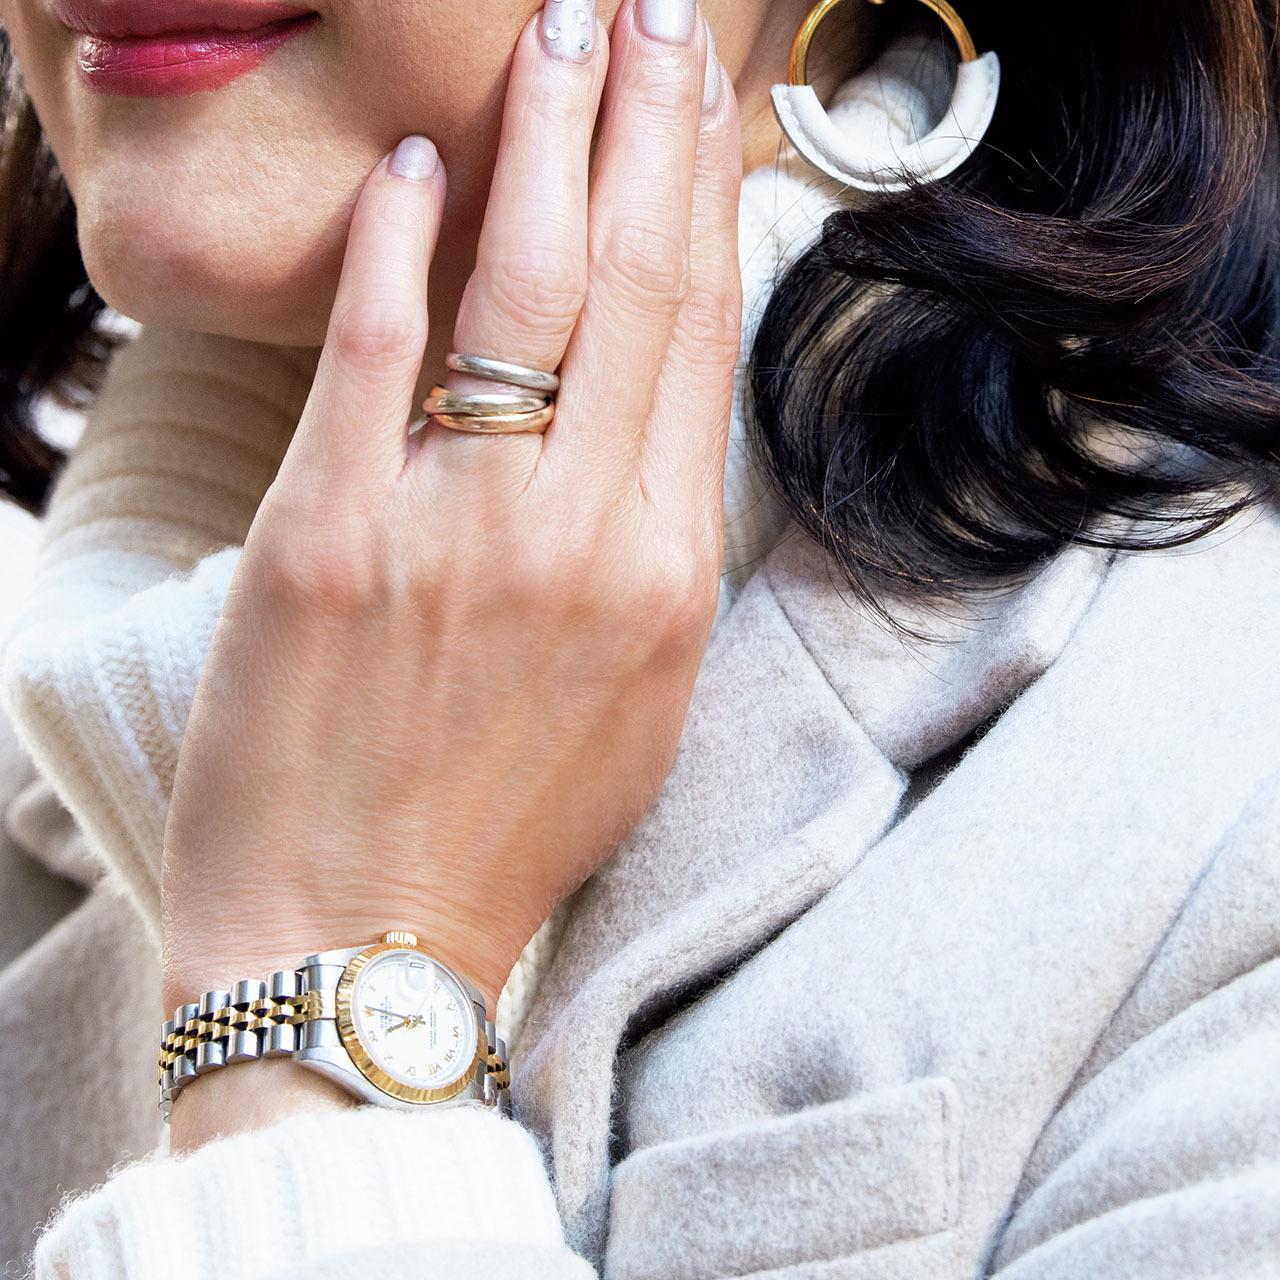 """「#Jマダムのおしゃれ」で発見! センスが光る""""今どき50代""""ファッション&手もとのおしゃれ25_1_1-22"""